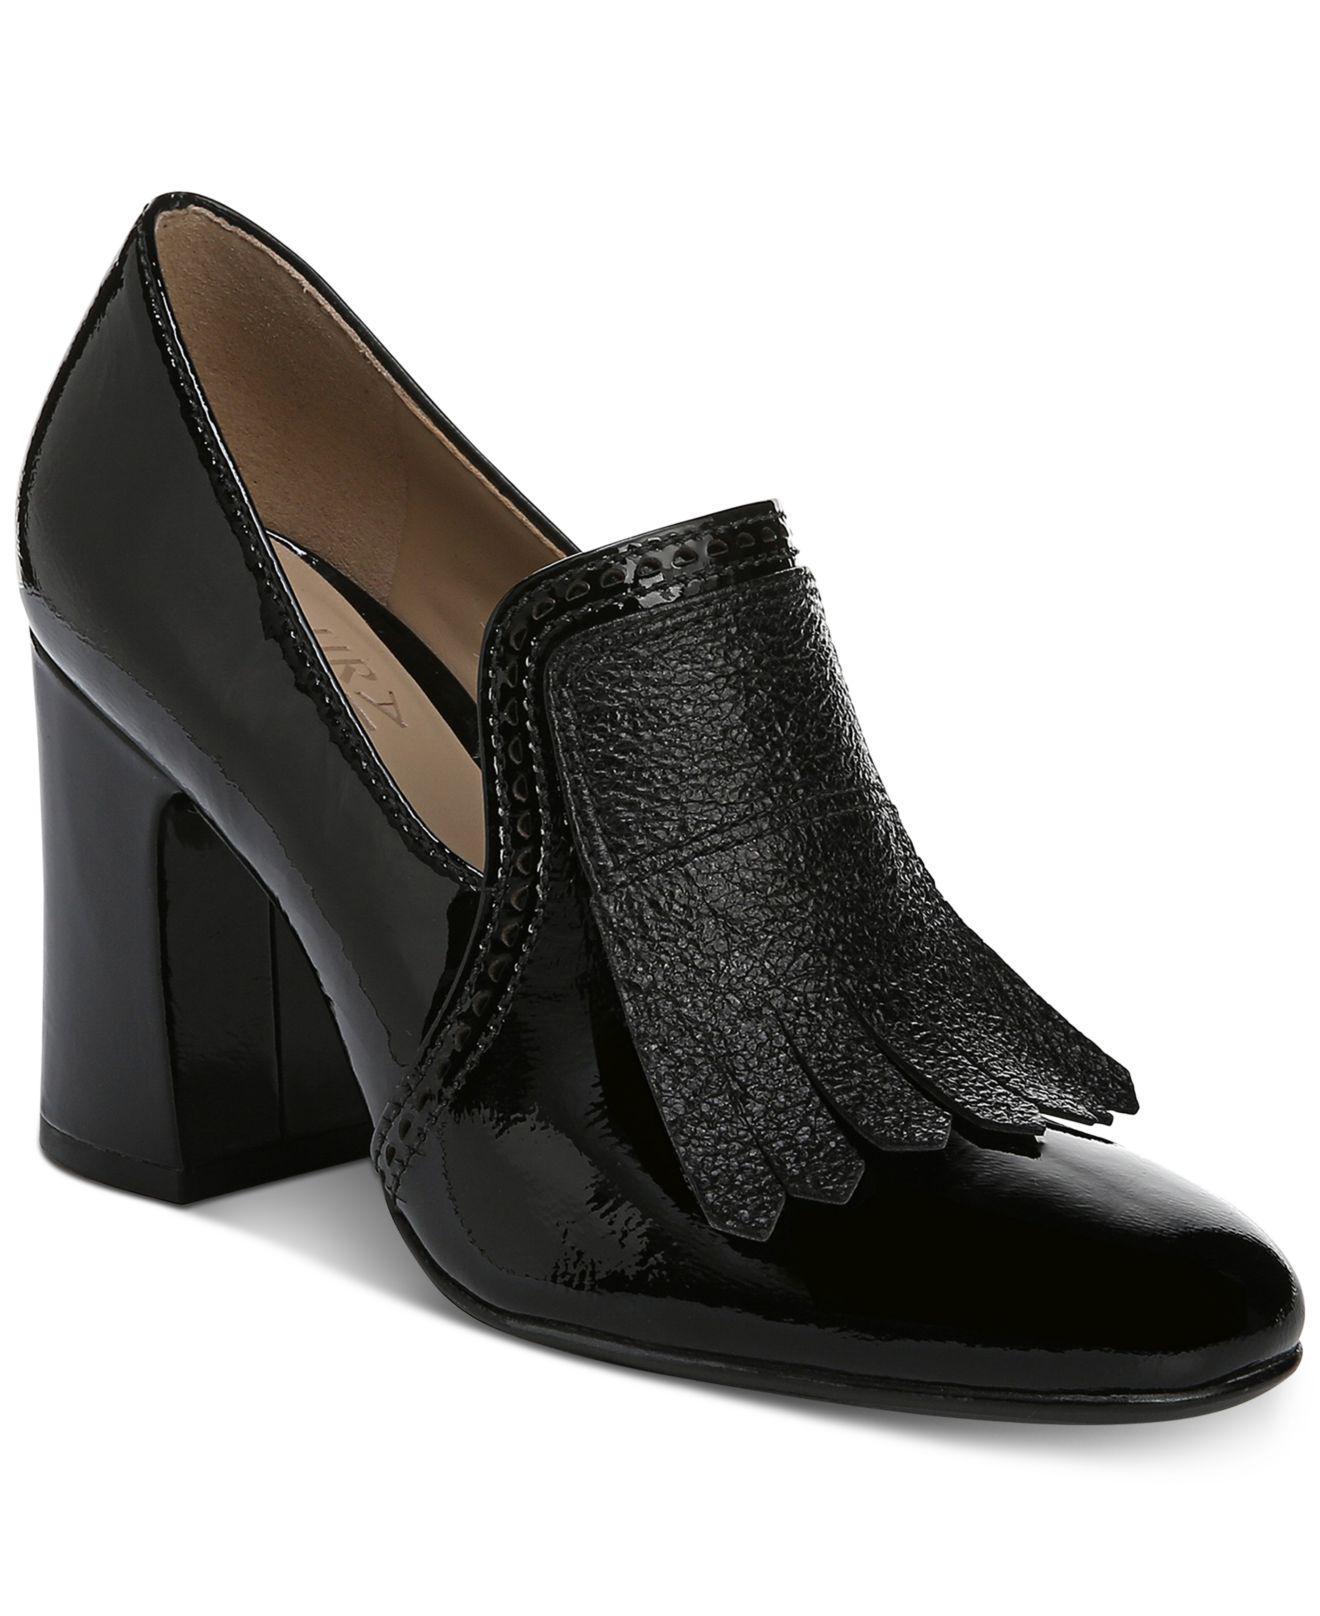 5b820eea4d4 Lyst - Naturalizer Sammy Block-heel Pumps in Black - Save 12%